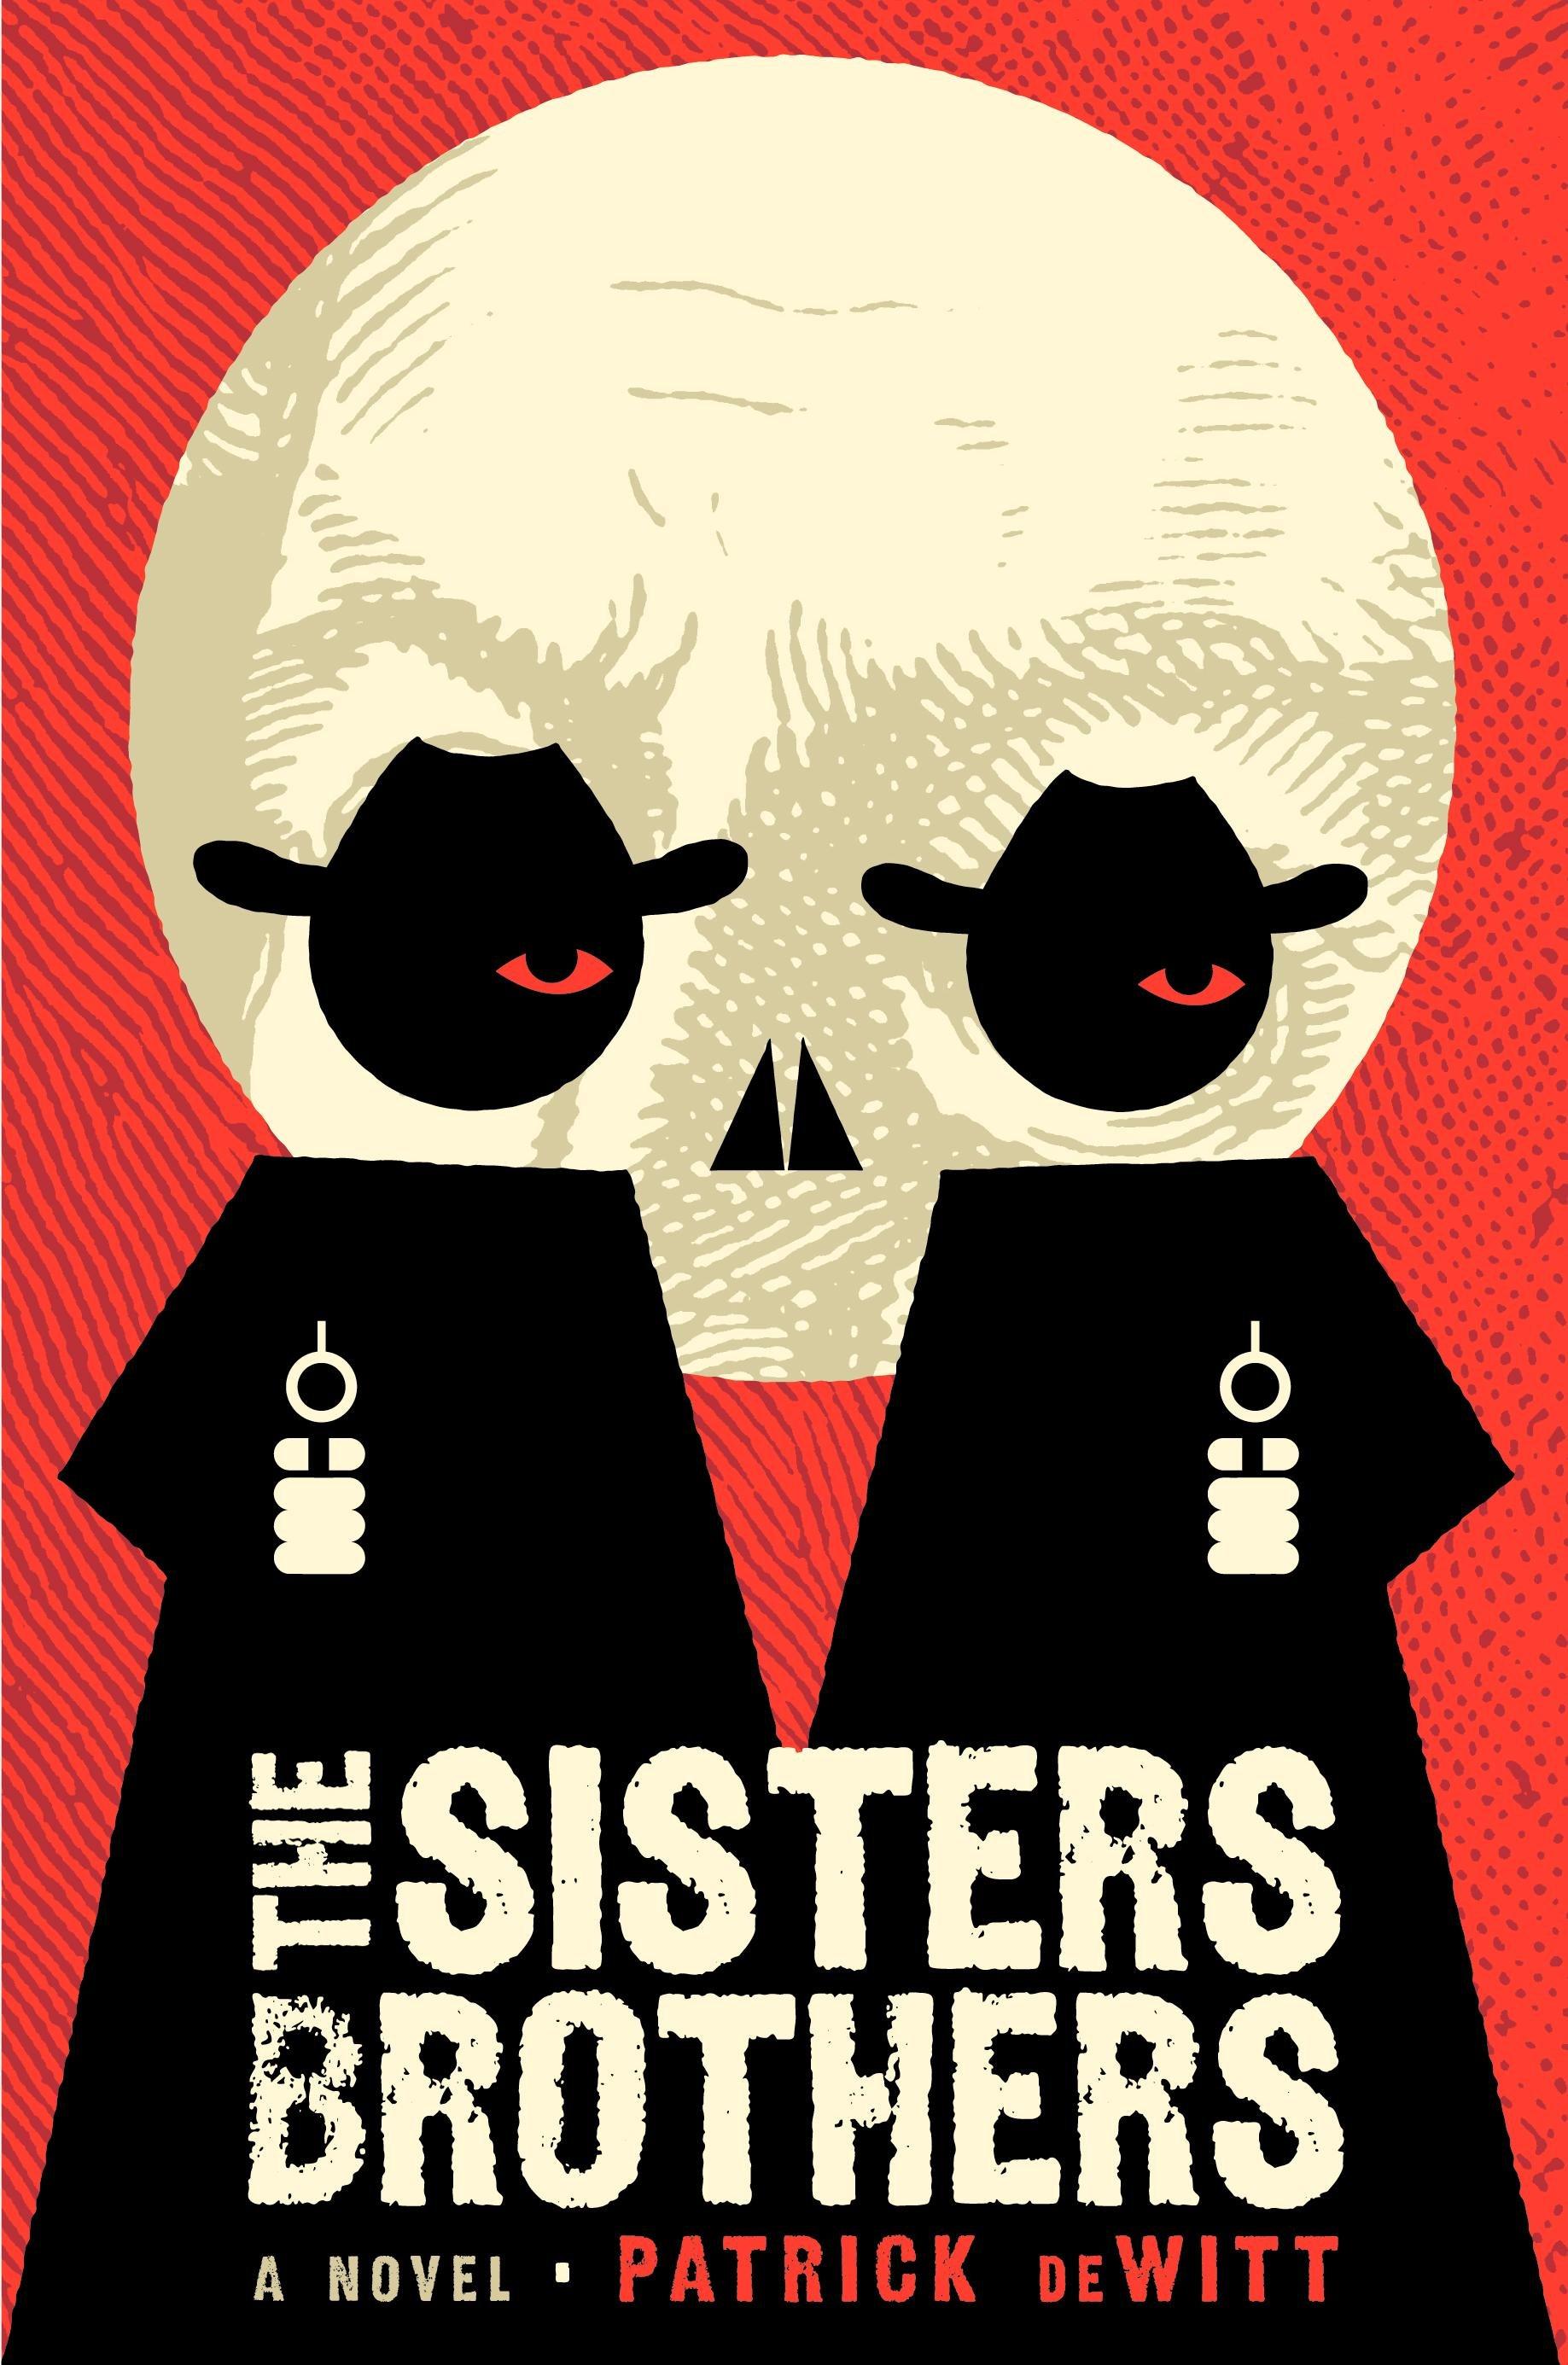 братья sisters братья систерс патрик де витт вестерн книга отвратительные мужики